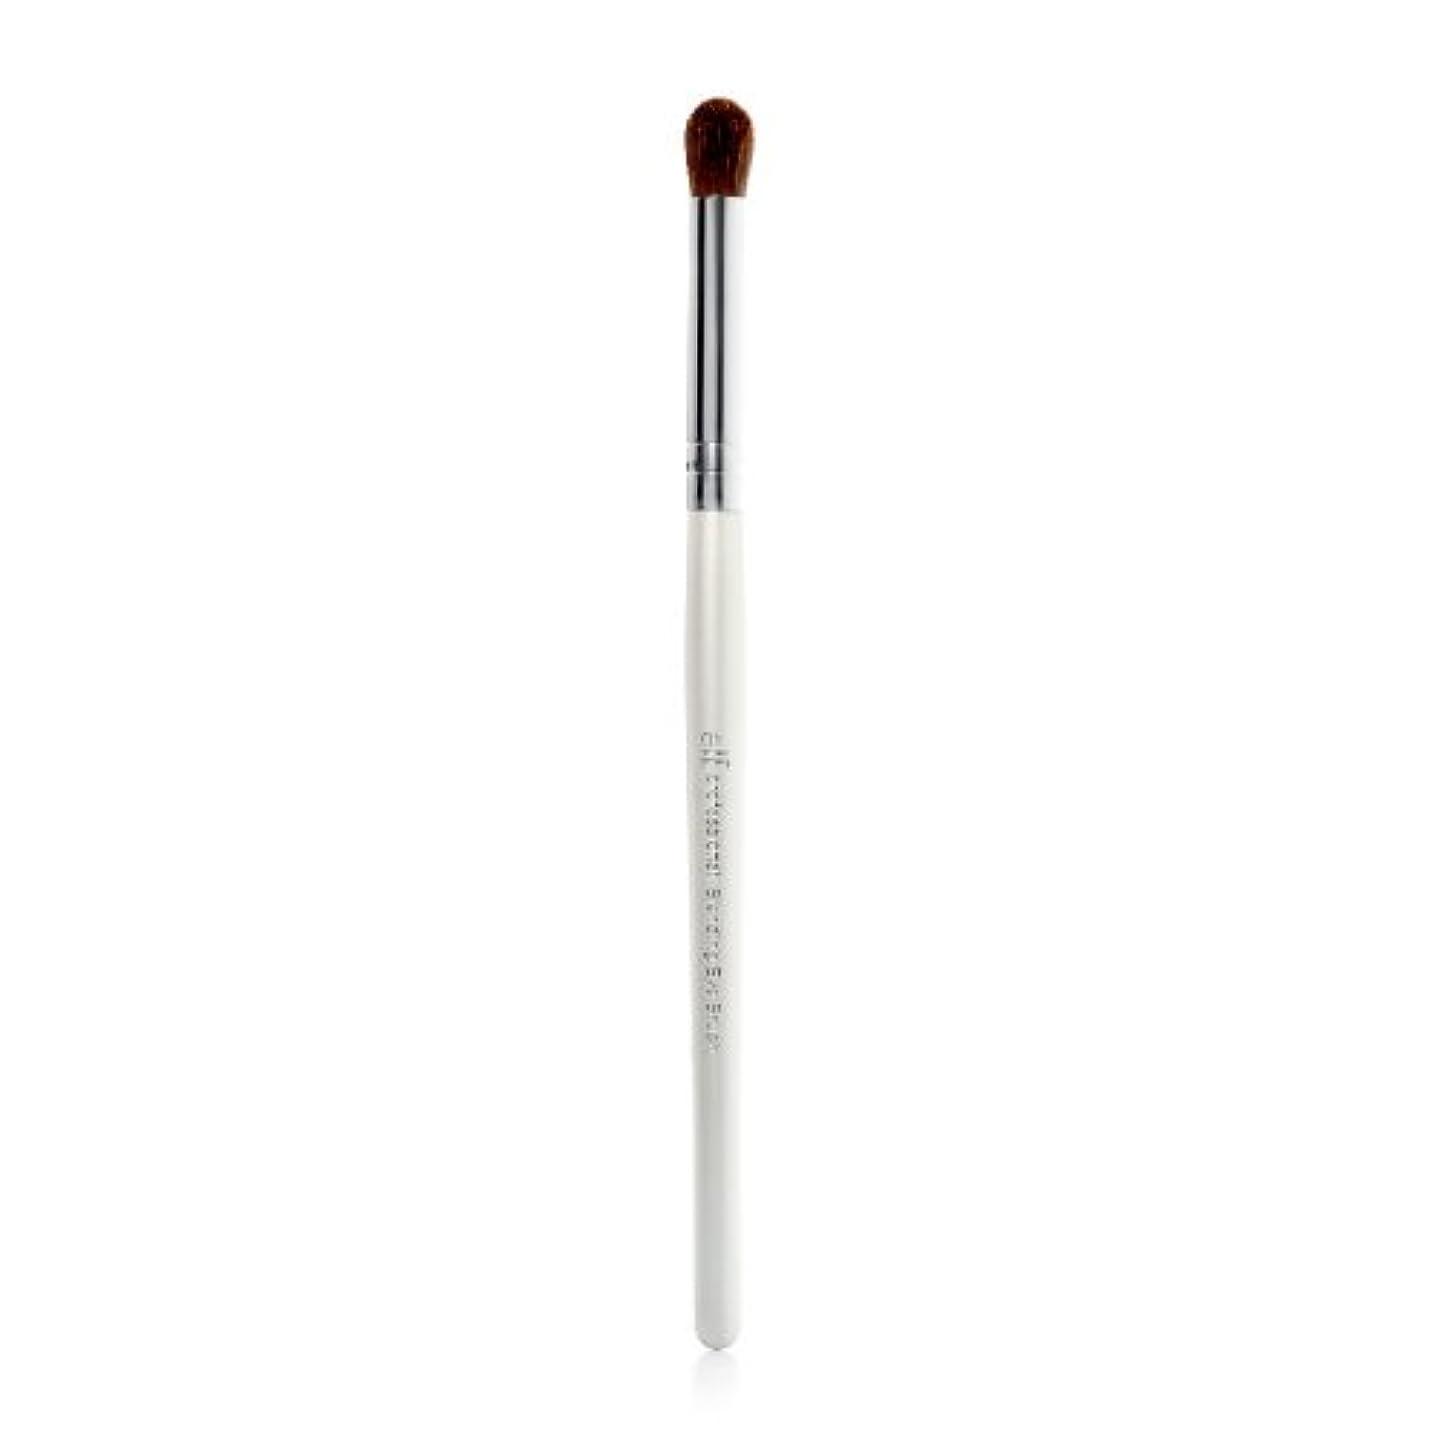 パウダー論争の的甘美な(3 Pack) e.l.f. Essential Blending Eye Brush - EF1803 (並行輸入品)